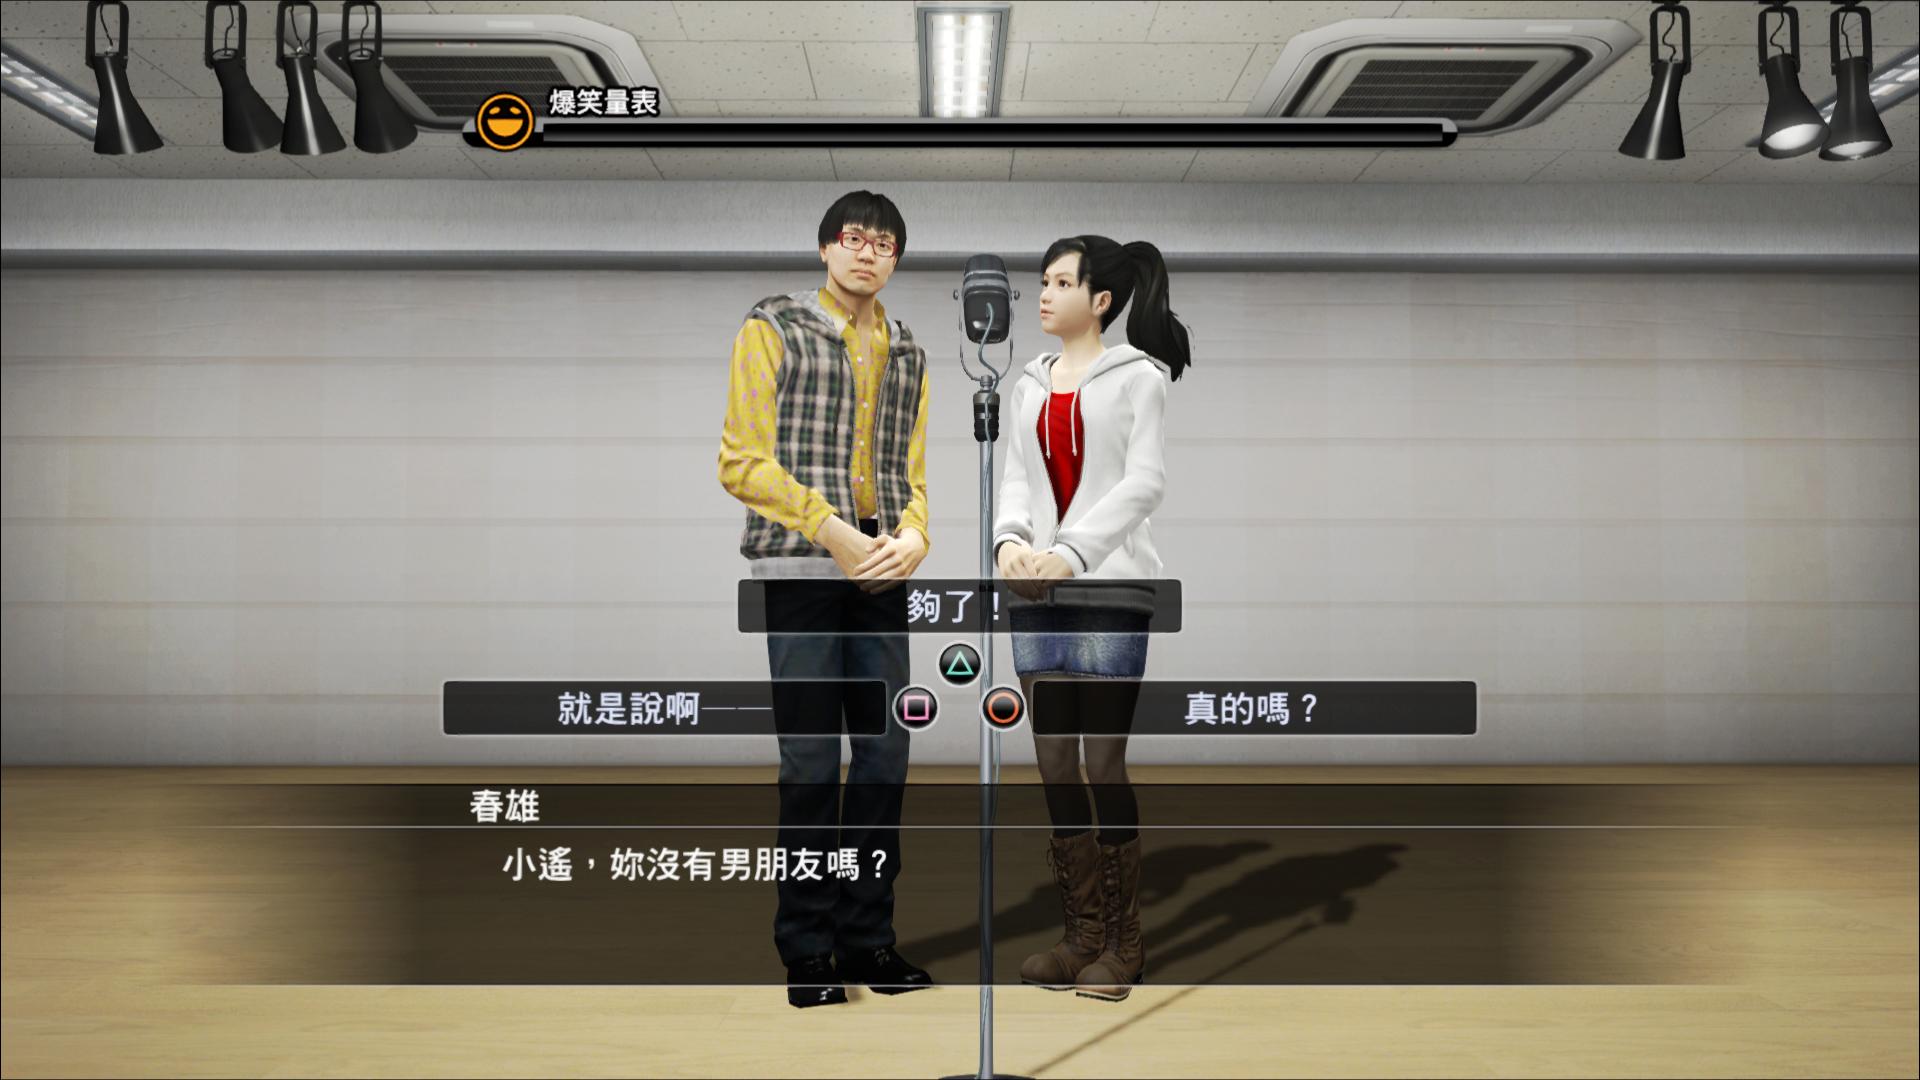 如龙5重制版/Yakuza 5 Remastered